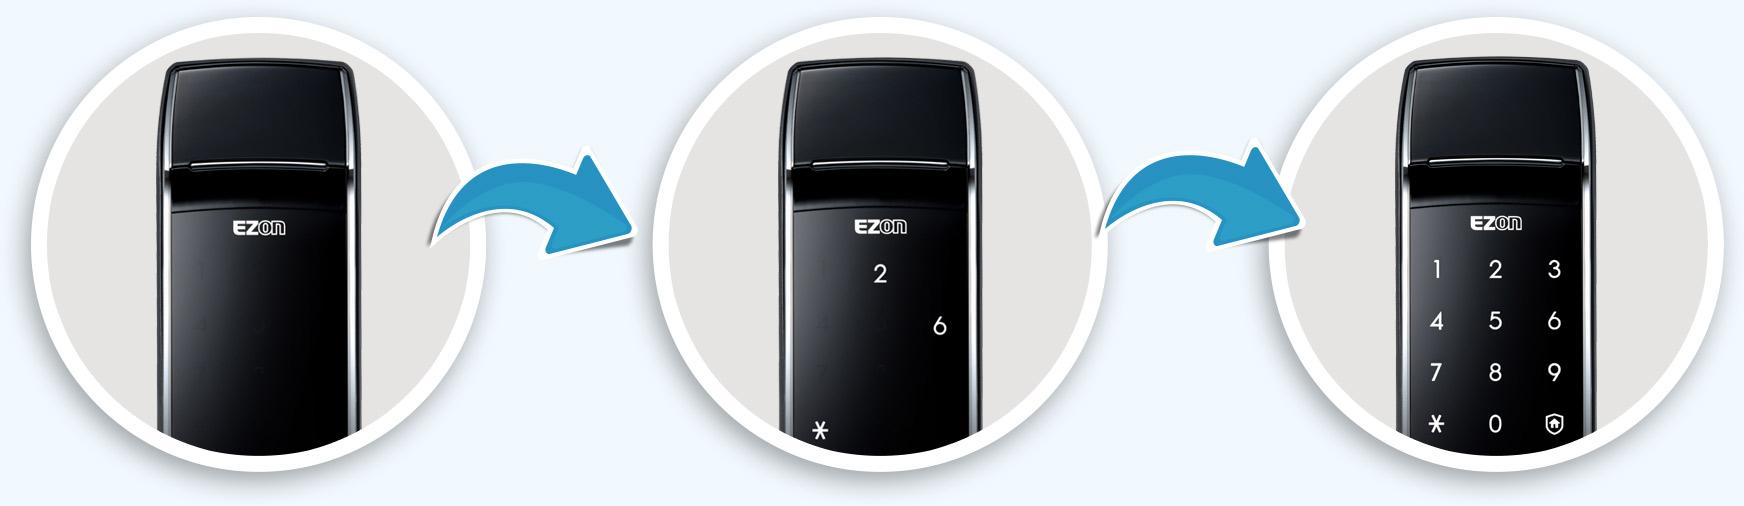 Khóa cửa thông minh Samsung SHS-2320 - Công nghệ hàng đầu